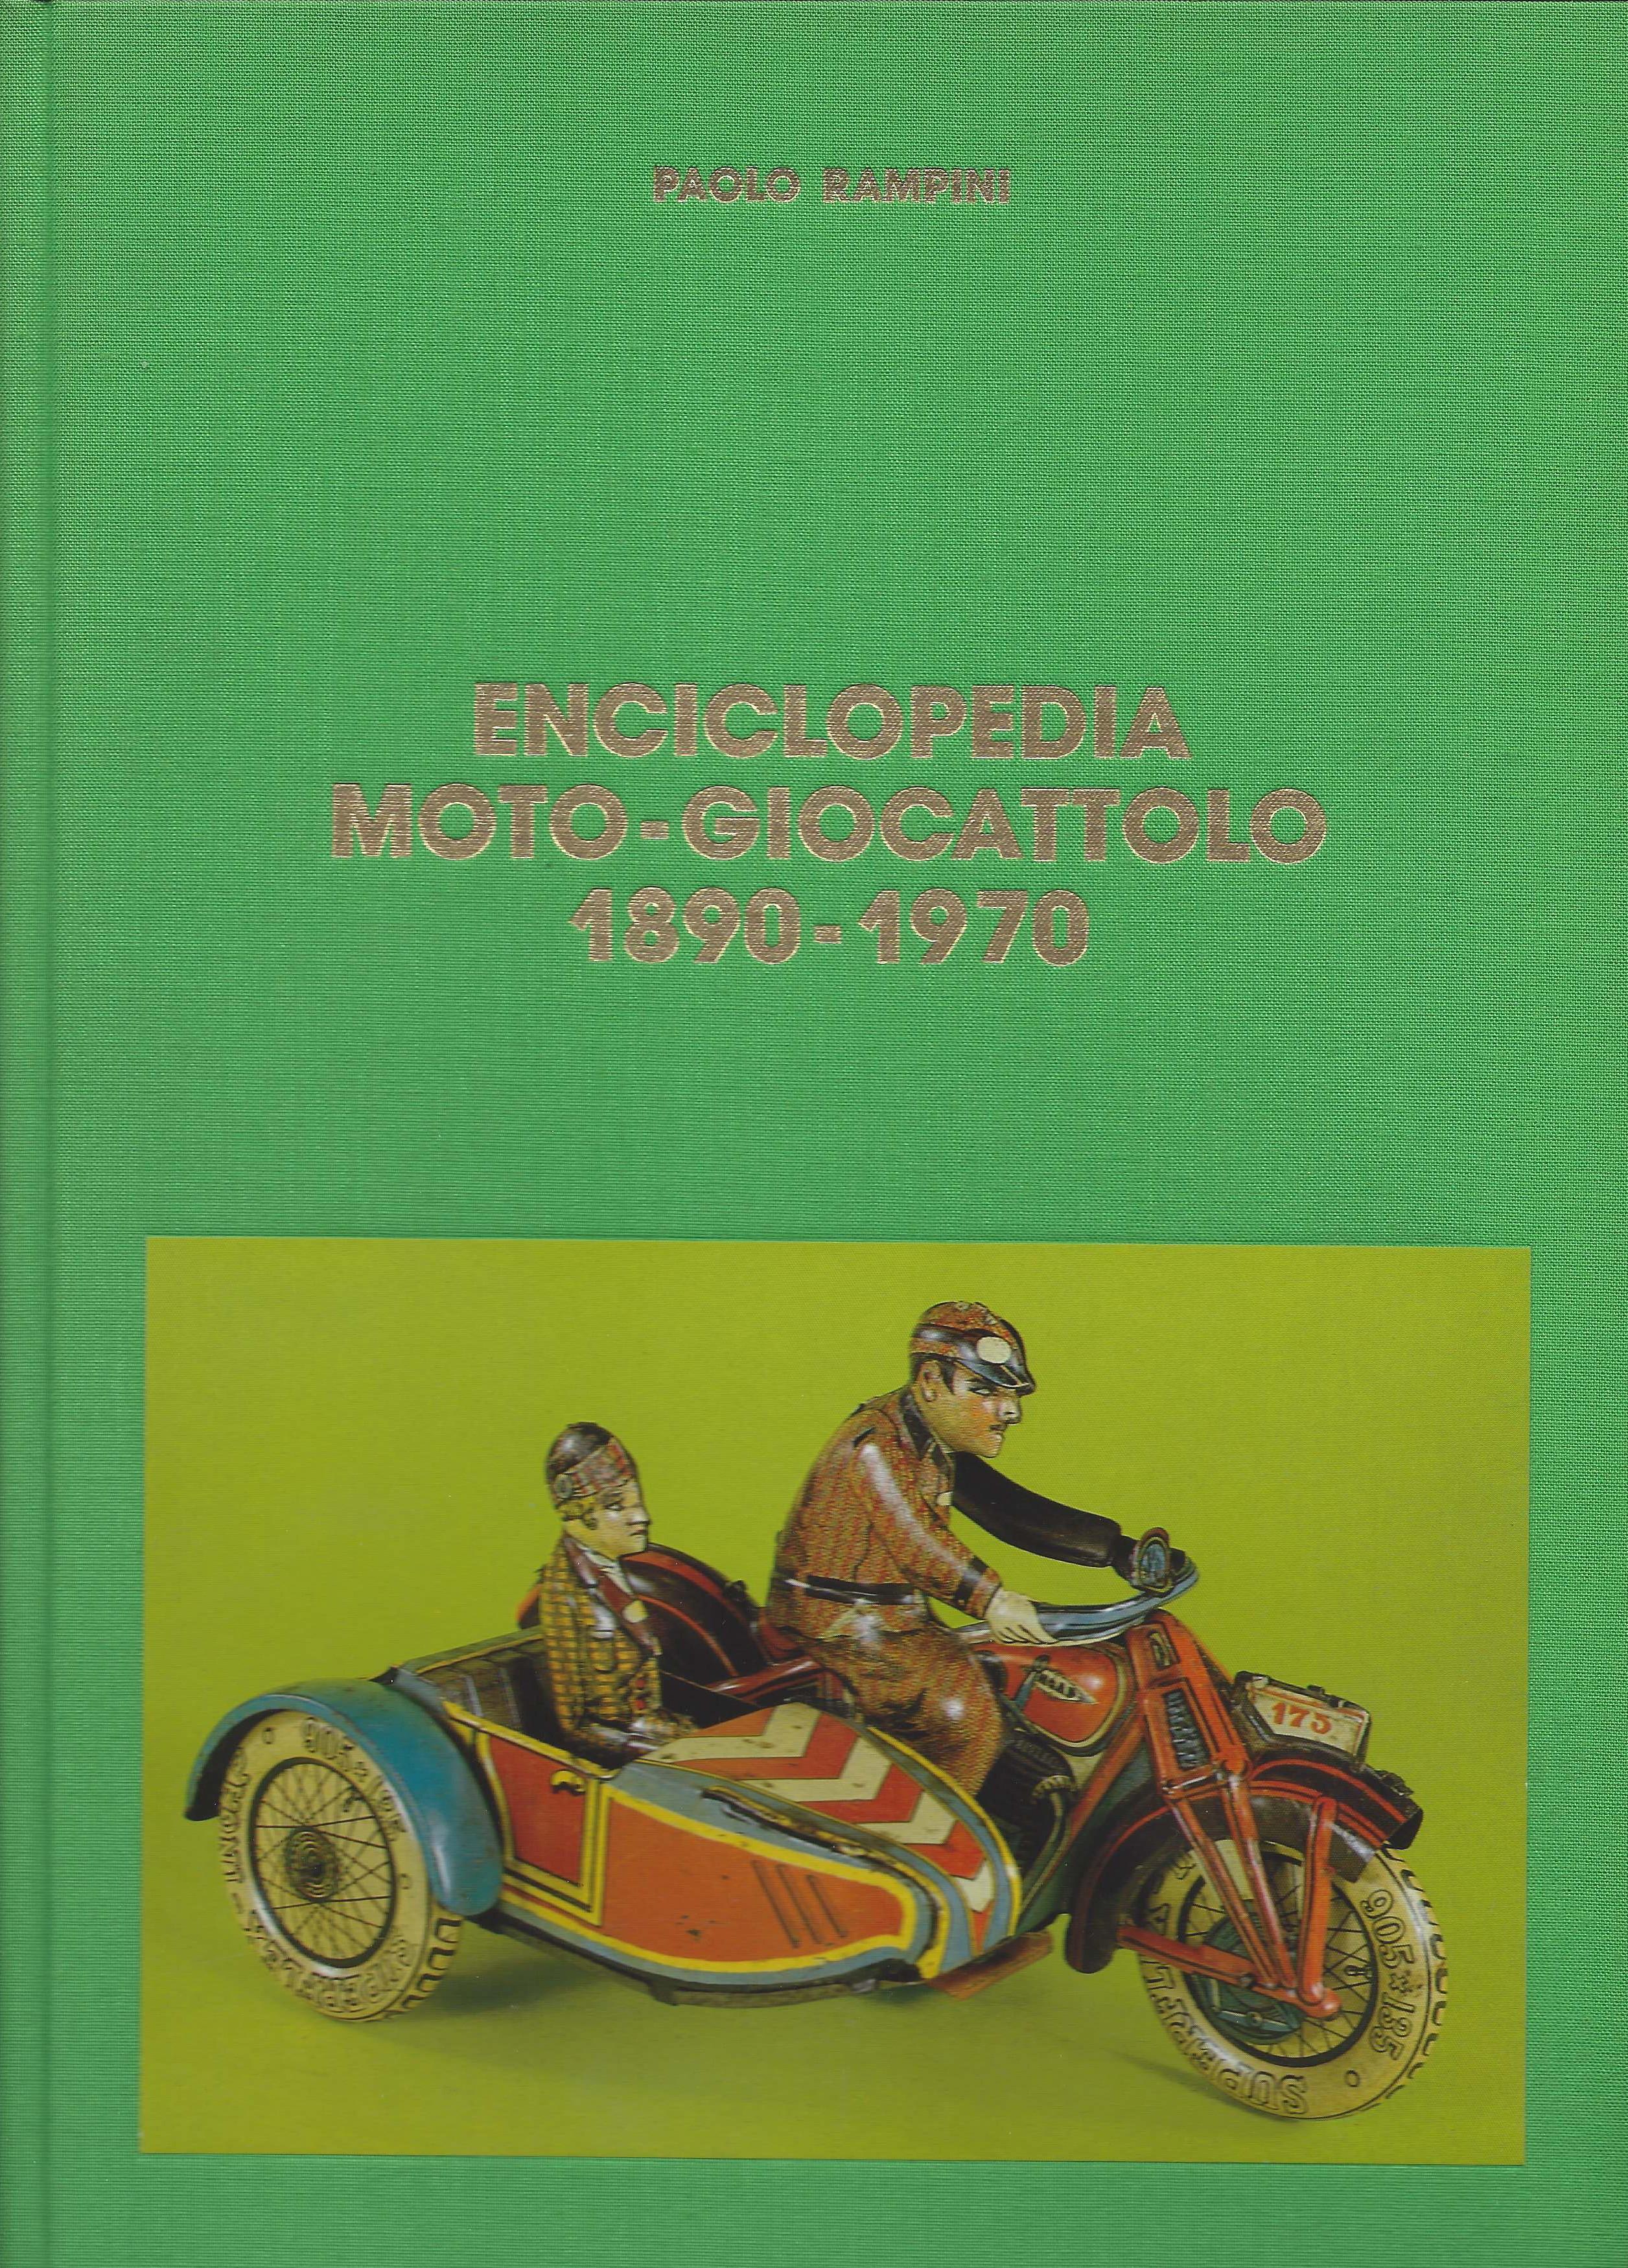 8 - Enciclopedia Moto-Giocattolo 1890-1970, Milano, Edizioni Paolo Rampini, 1996